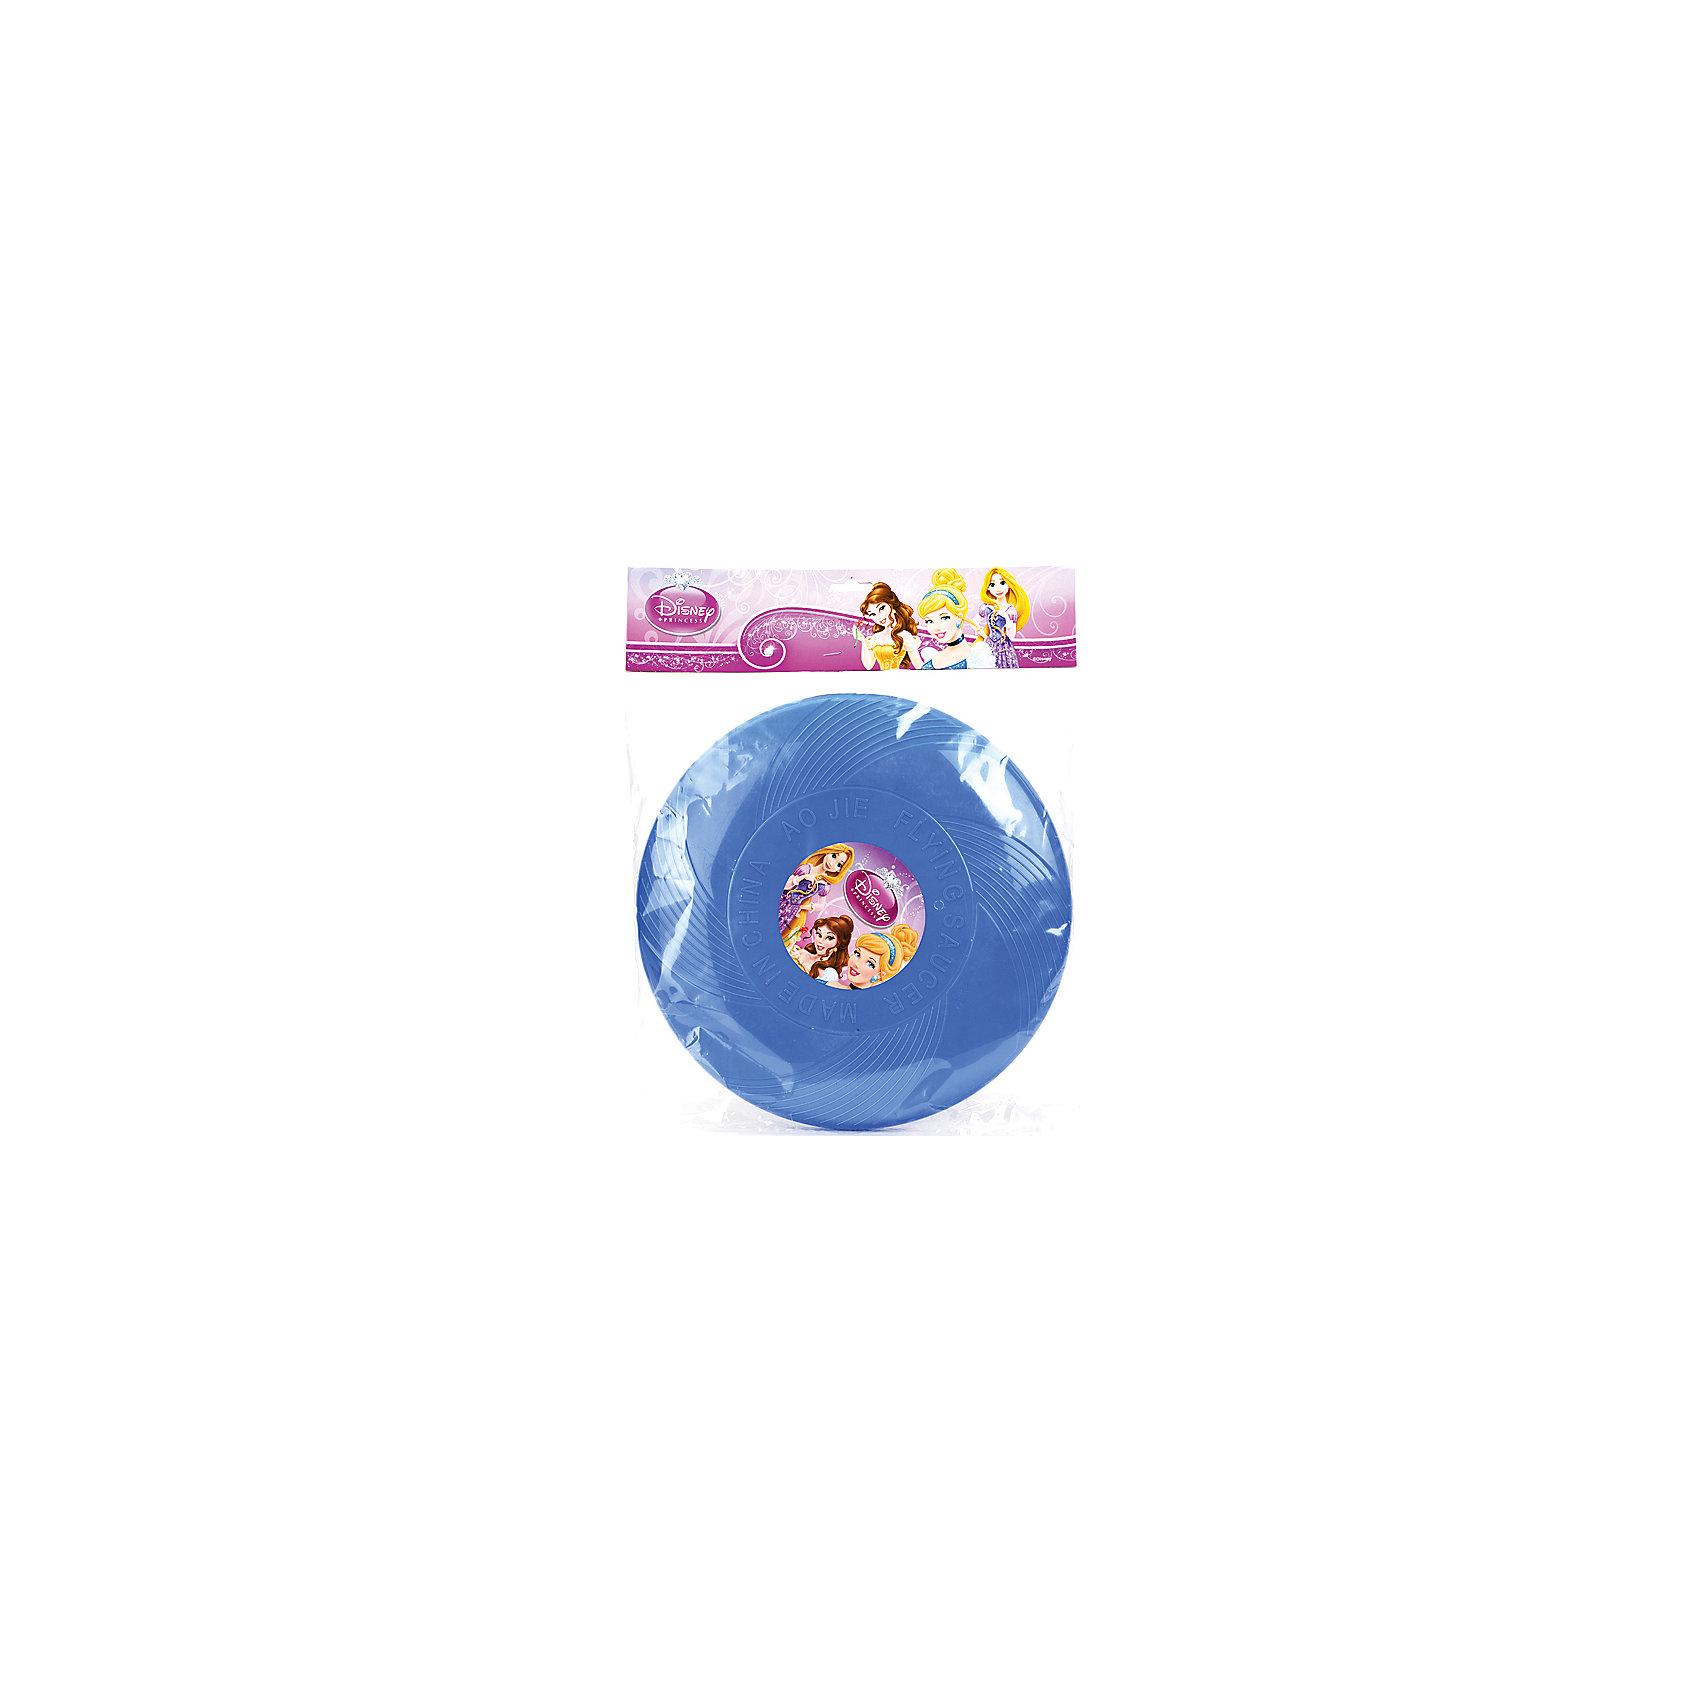 Летающая тарелка с вертушкой, 25 см, Disney PrincessЛетающие тарелки и бумеранги<br>Летающая тарелка с вертушкой поможет прекрасно провести время на прогулке. Активные игры на природе способствуют укреплению иммунитета, физическому развитию детей и, конечно, дарят море положительных эмоций. Тарелка с изображением любимых героинь обязательно понравится ребенку, ее можно взять с собой куда угодно. Игрушка выполнена из высококачественного прочного пластика, в производстве которого использованы только нетоксичные красители безопасные для детей. <br><br>Дополнительная информация:<br><br>- Материал: пластик. <br>- Размер: d - 25 см.<br><br>Летающую тарелку с вертушкой, 25 см, Disney Princess (Принцессы Дисней) можно купить в нашем магазине.<br><br>Ширина мм: 630<br>Глубина мм: 330<br>Высота мм: 570<br>Вес г: 120<br>Возраст от месяцев: 36<br>Возраст до месяцев: 1188<br>Пол: Женский<br>Возраст: Детский<br>SKU: 4616817